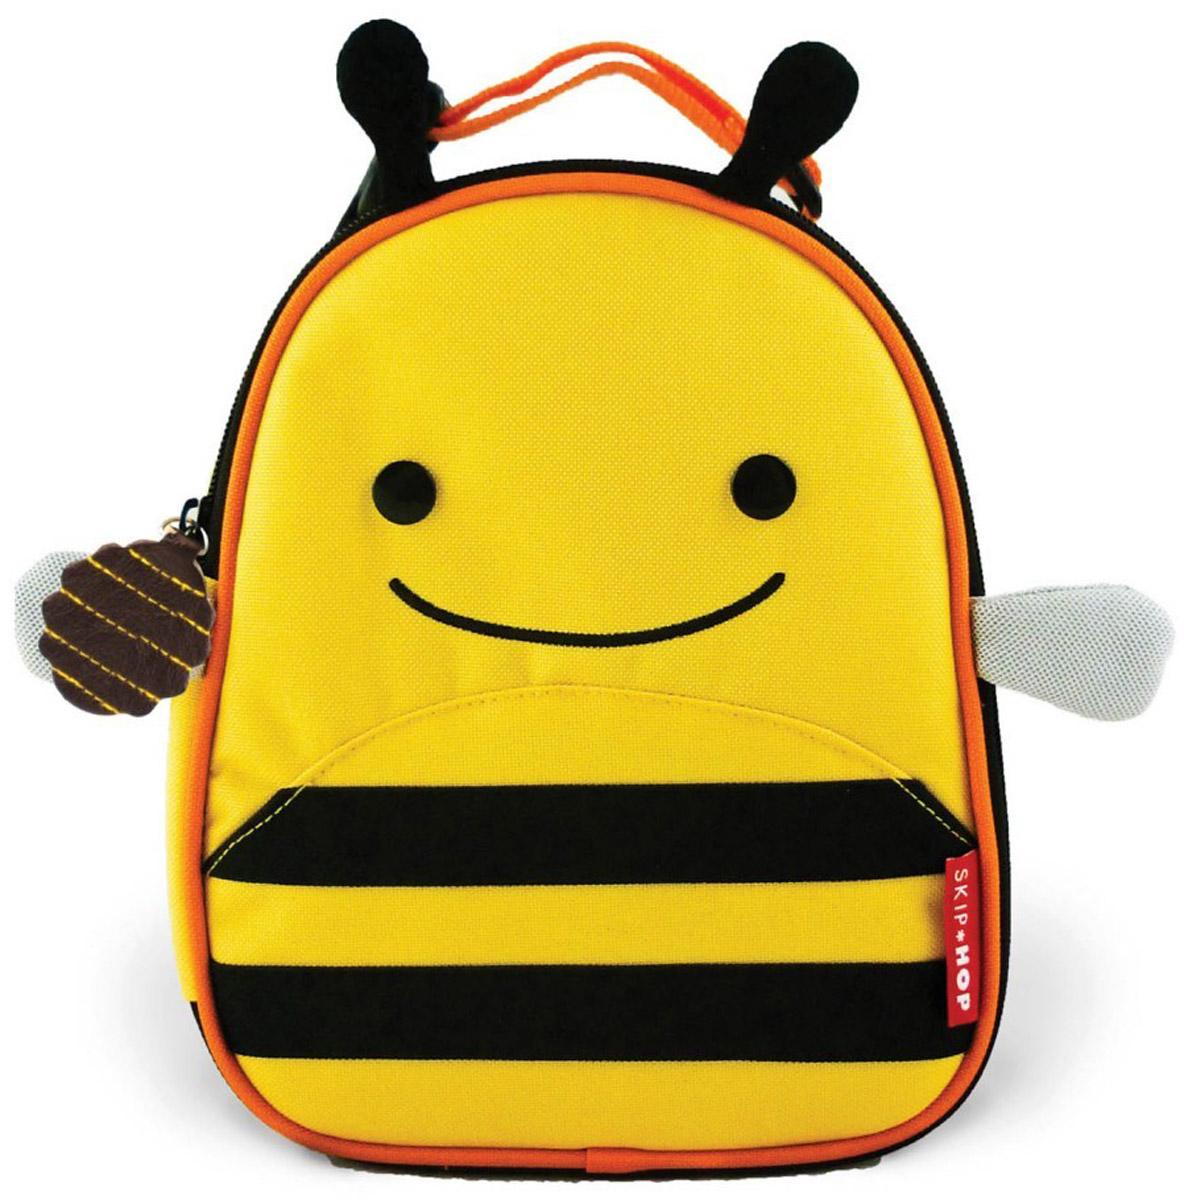 Skip Hop Сумка ланч-бокс детская ПчелкаB388820-1Превосходный ланч-бокс Skip Hop Пчелка отлично сохранит свежесть и вкус продуктов для вашего ребёнка. Сумка с одним отделением изготовлена из прочного текстиля. Лицевая сторона декорирована изображением улыбающейся пчелки с крылышками и торчащими усиками-рожками. Внутренняя поверхность отделана термоизоляционным материалом, благодаря которому продукты дольше остаются свежими. Изделие закрывается на пластиковую застежку-молнию с удобным держателем на бегунке. Внутри имеется сетчатый карман для хранения аксессуаров и текстильная нашивка для записи имени владельца сумки. Ланч-бокс дополнен удобной текстильной ручкой с регулируемой длиной и пластиковым карабином. Такая сумка ланч-бокс пригодится везде: на прогулке, во время учебы, на отдыхе, во время путешествий.